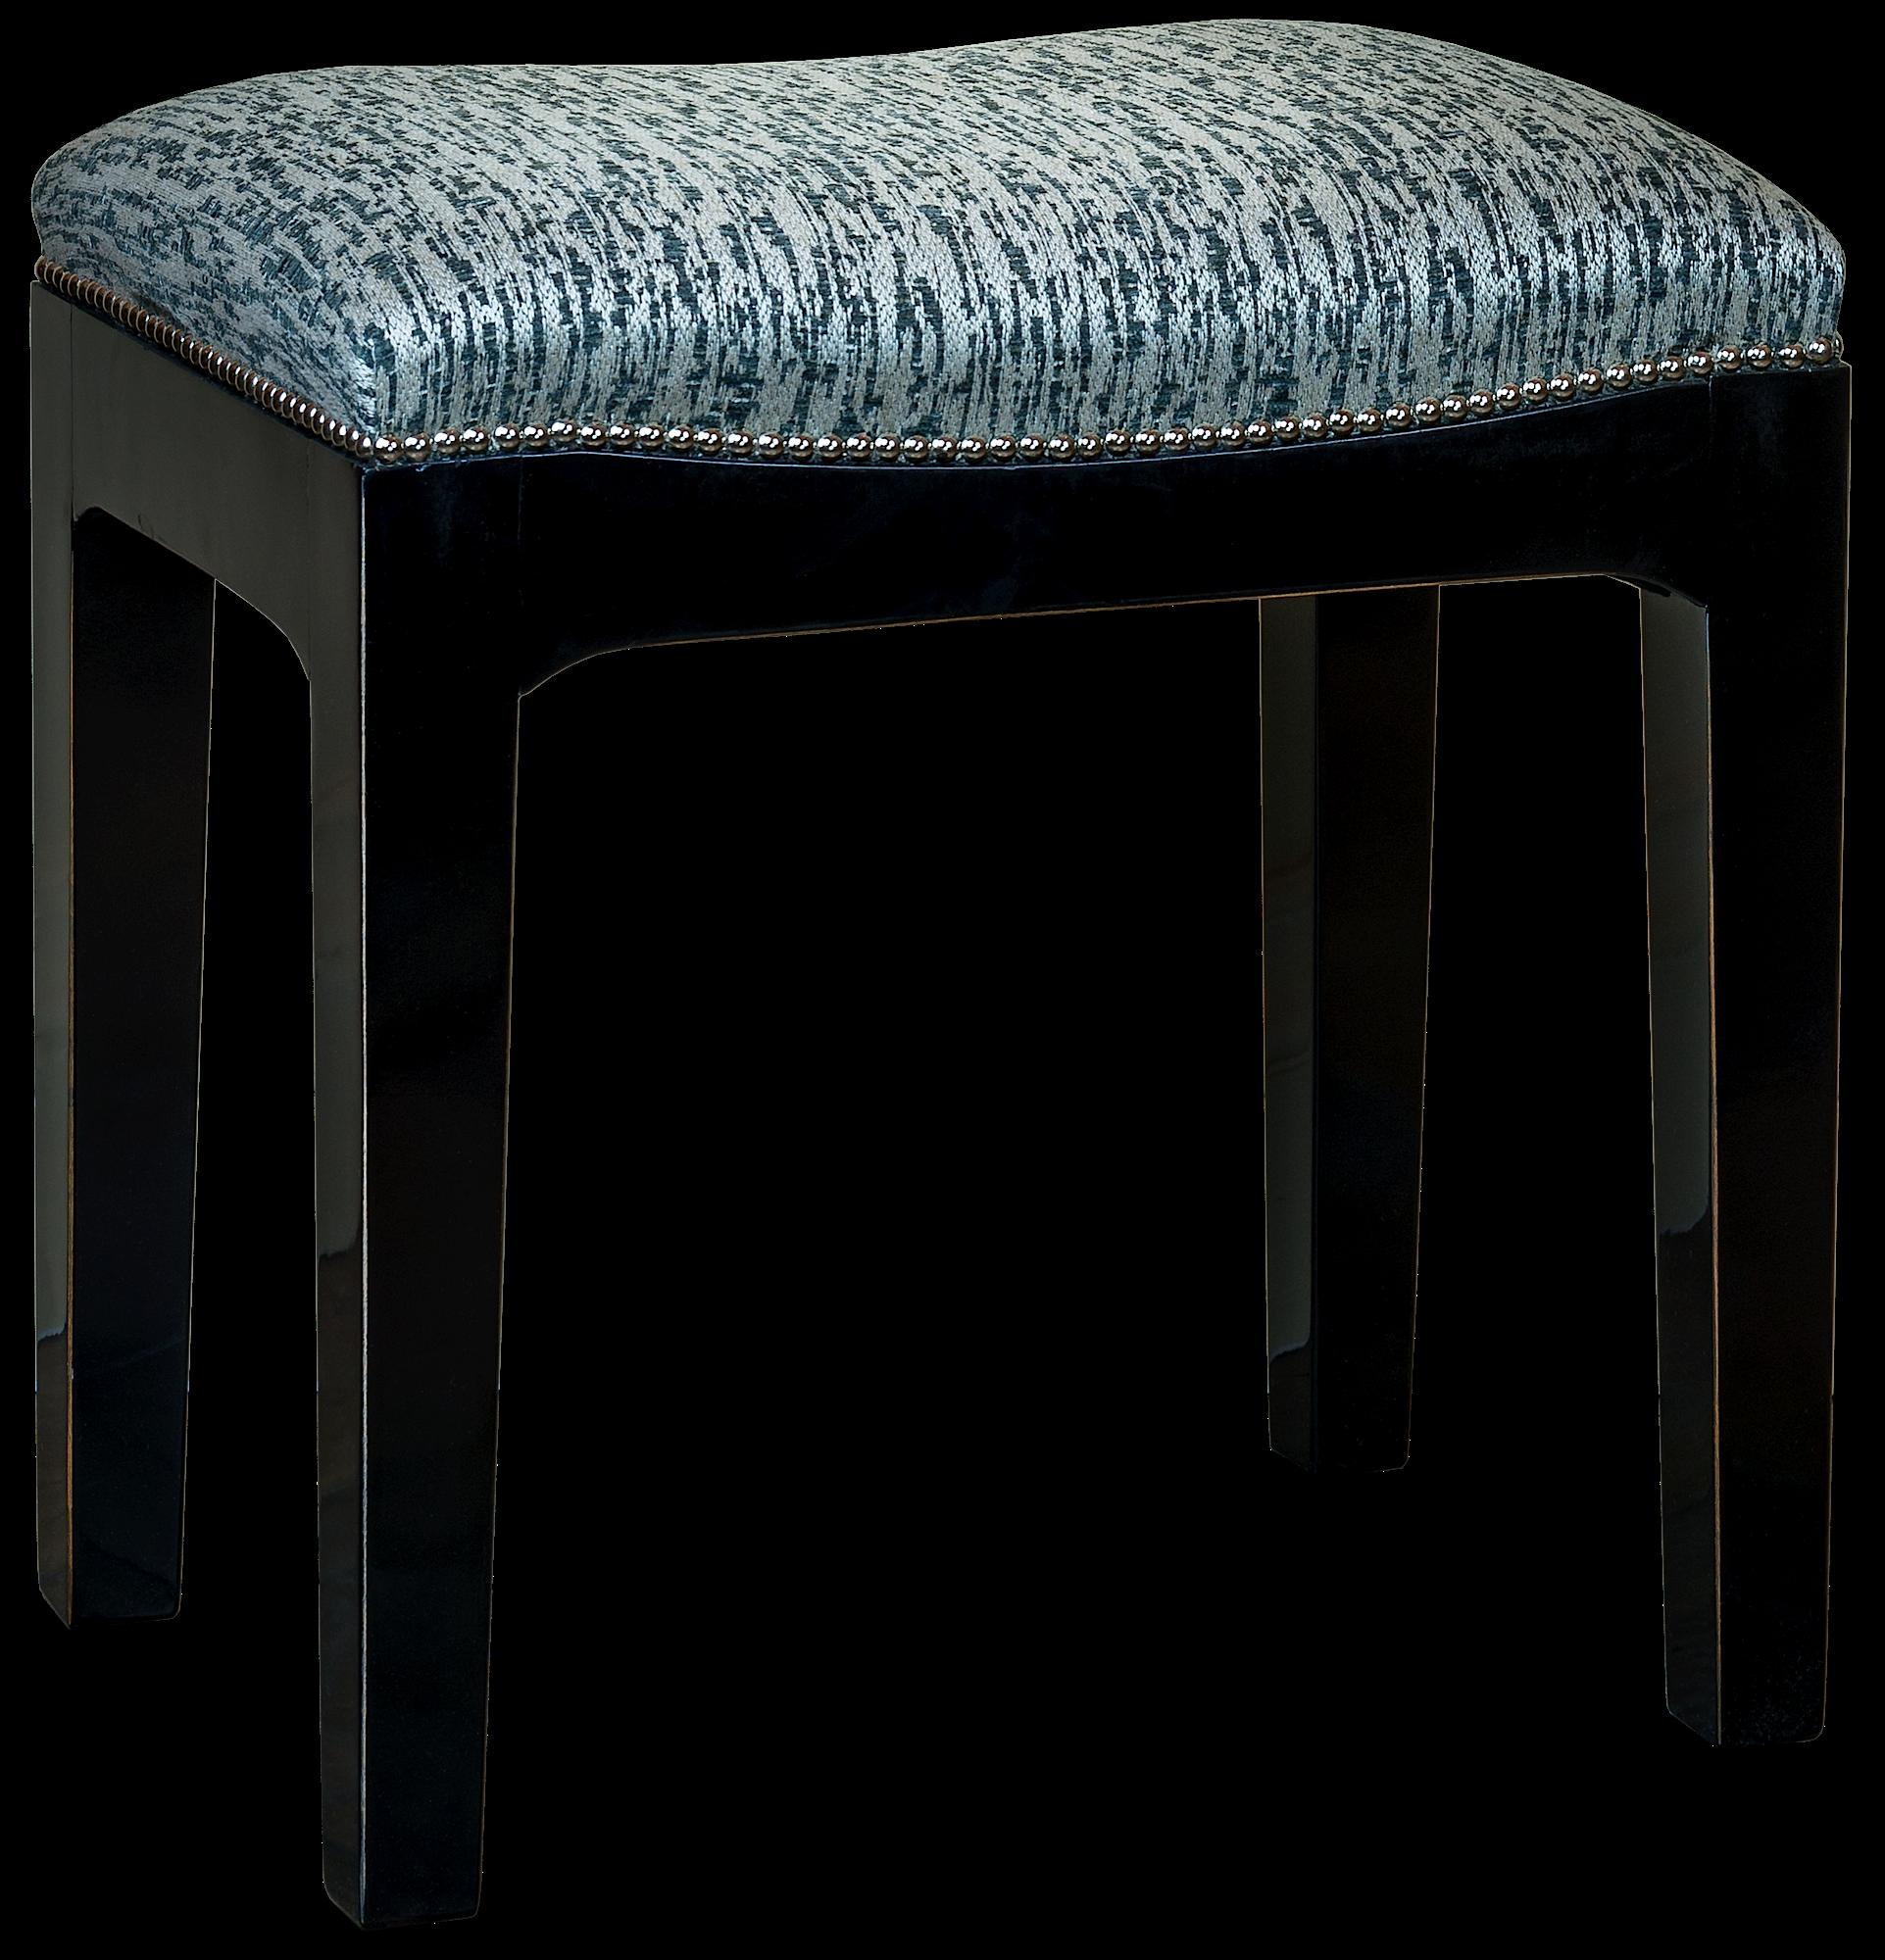 tabouret de piano corfou clout tabouret. Black Bedroom Furniture Sets. Home Design Ideas